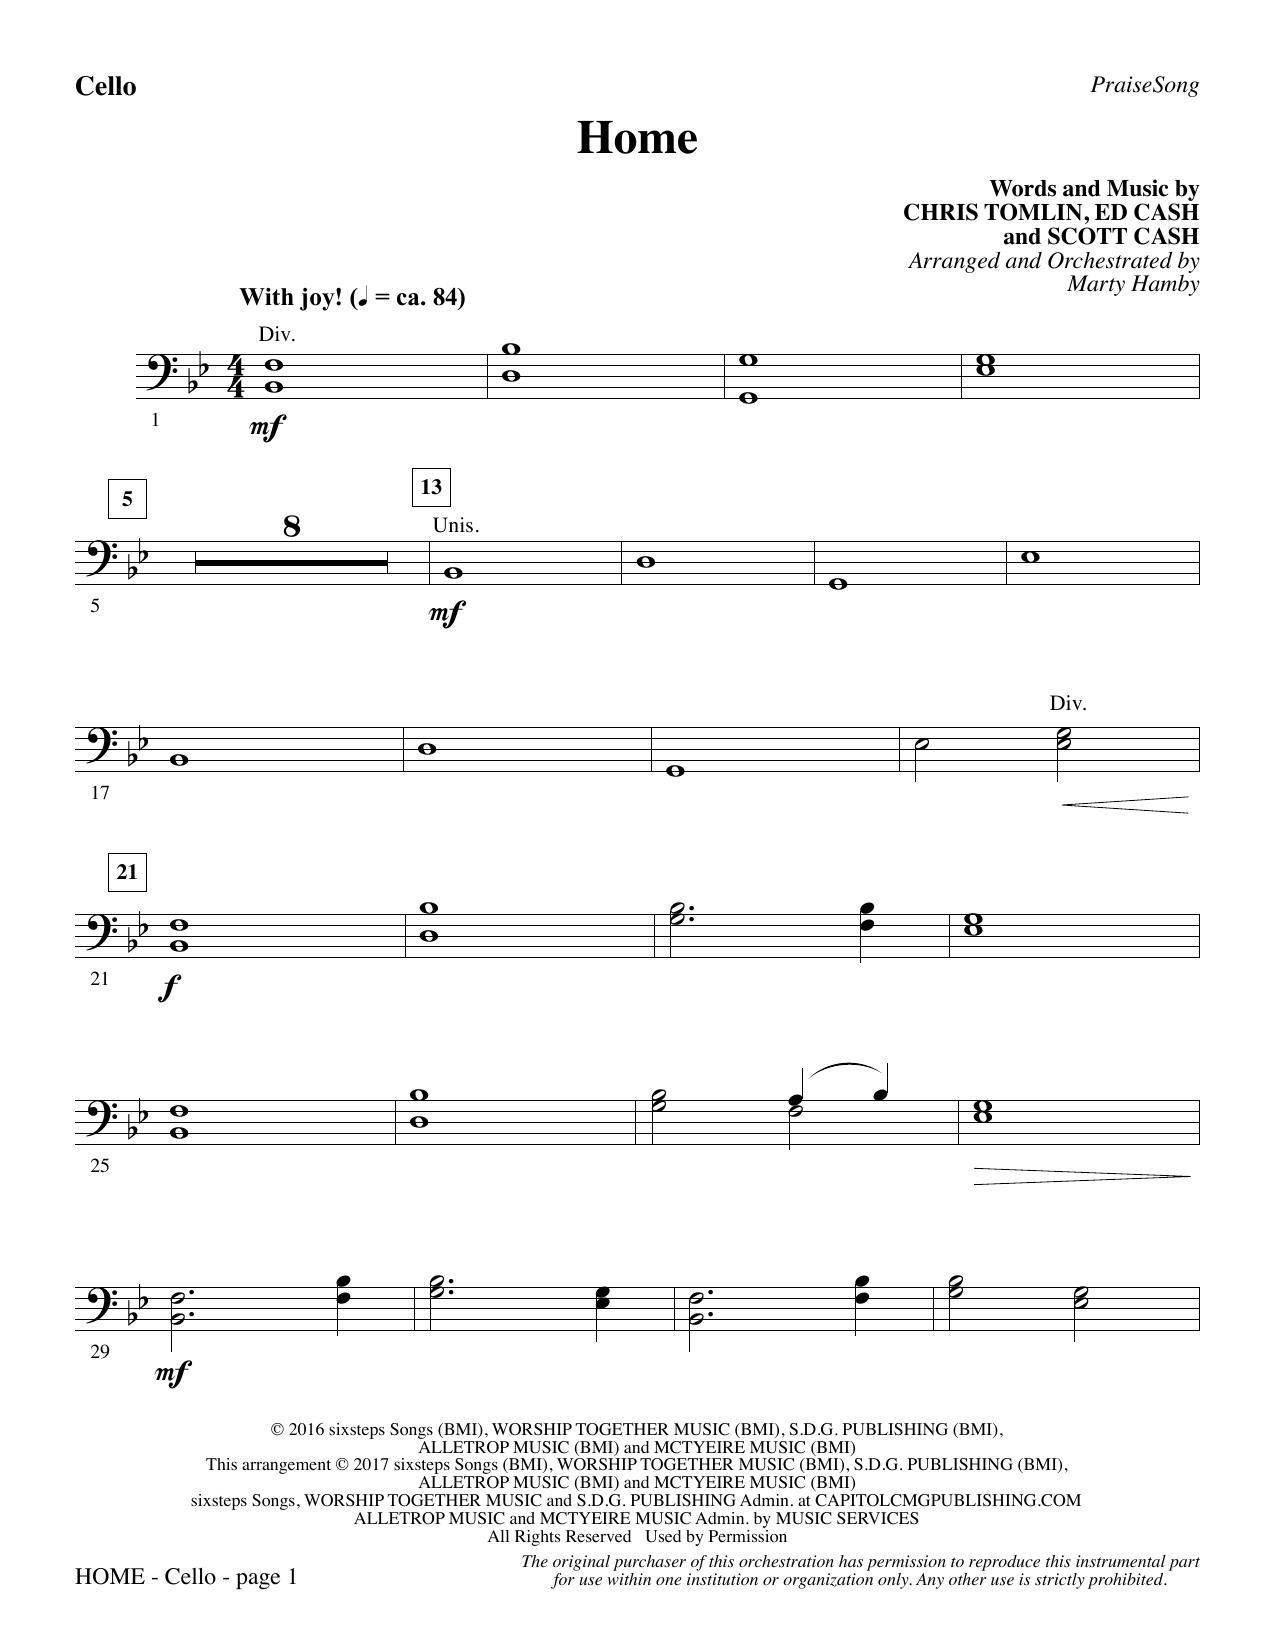 Chris Tomlin - Home - Cello